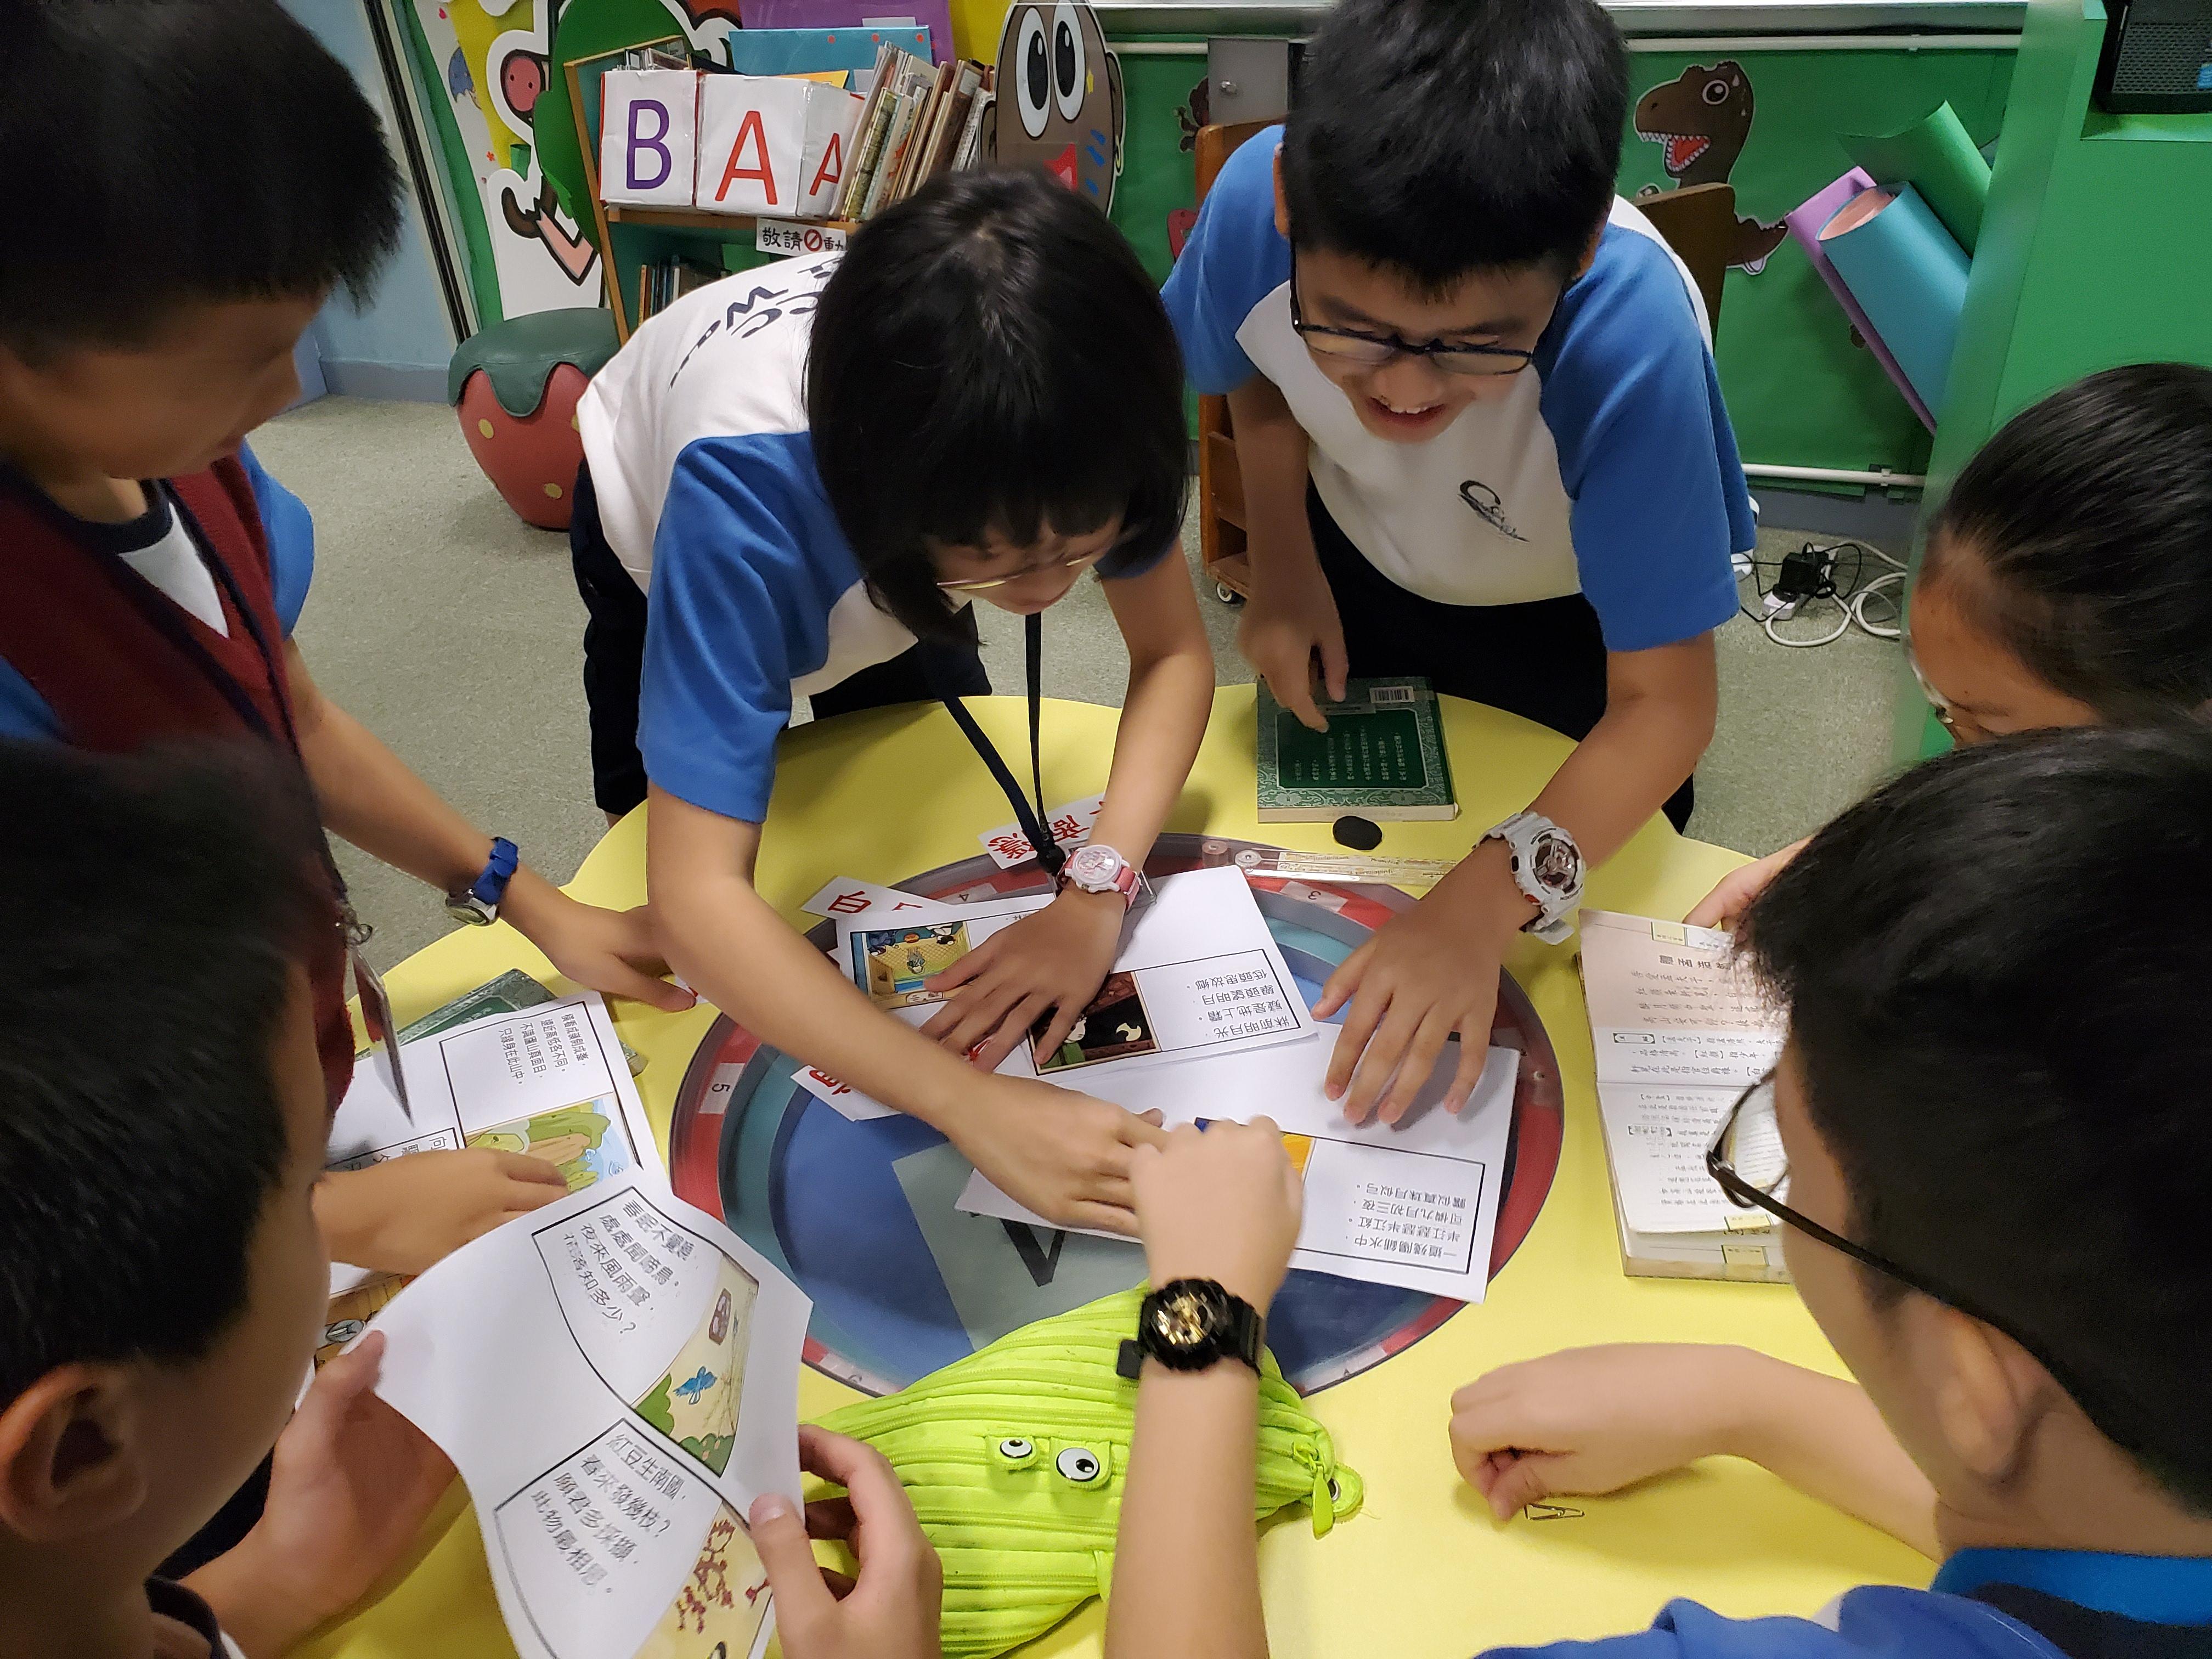 http://www.keiwan.edu.hk/sites/default/files/20191021_100218.jpg